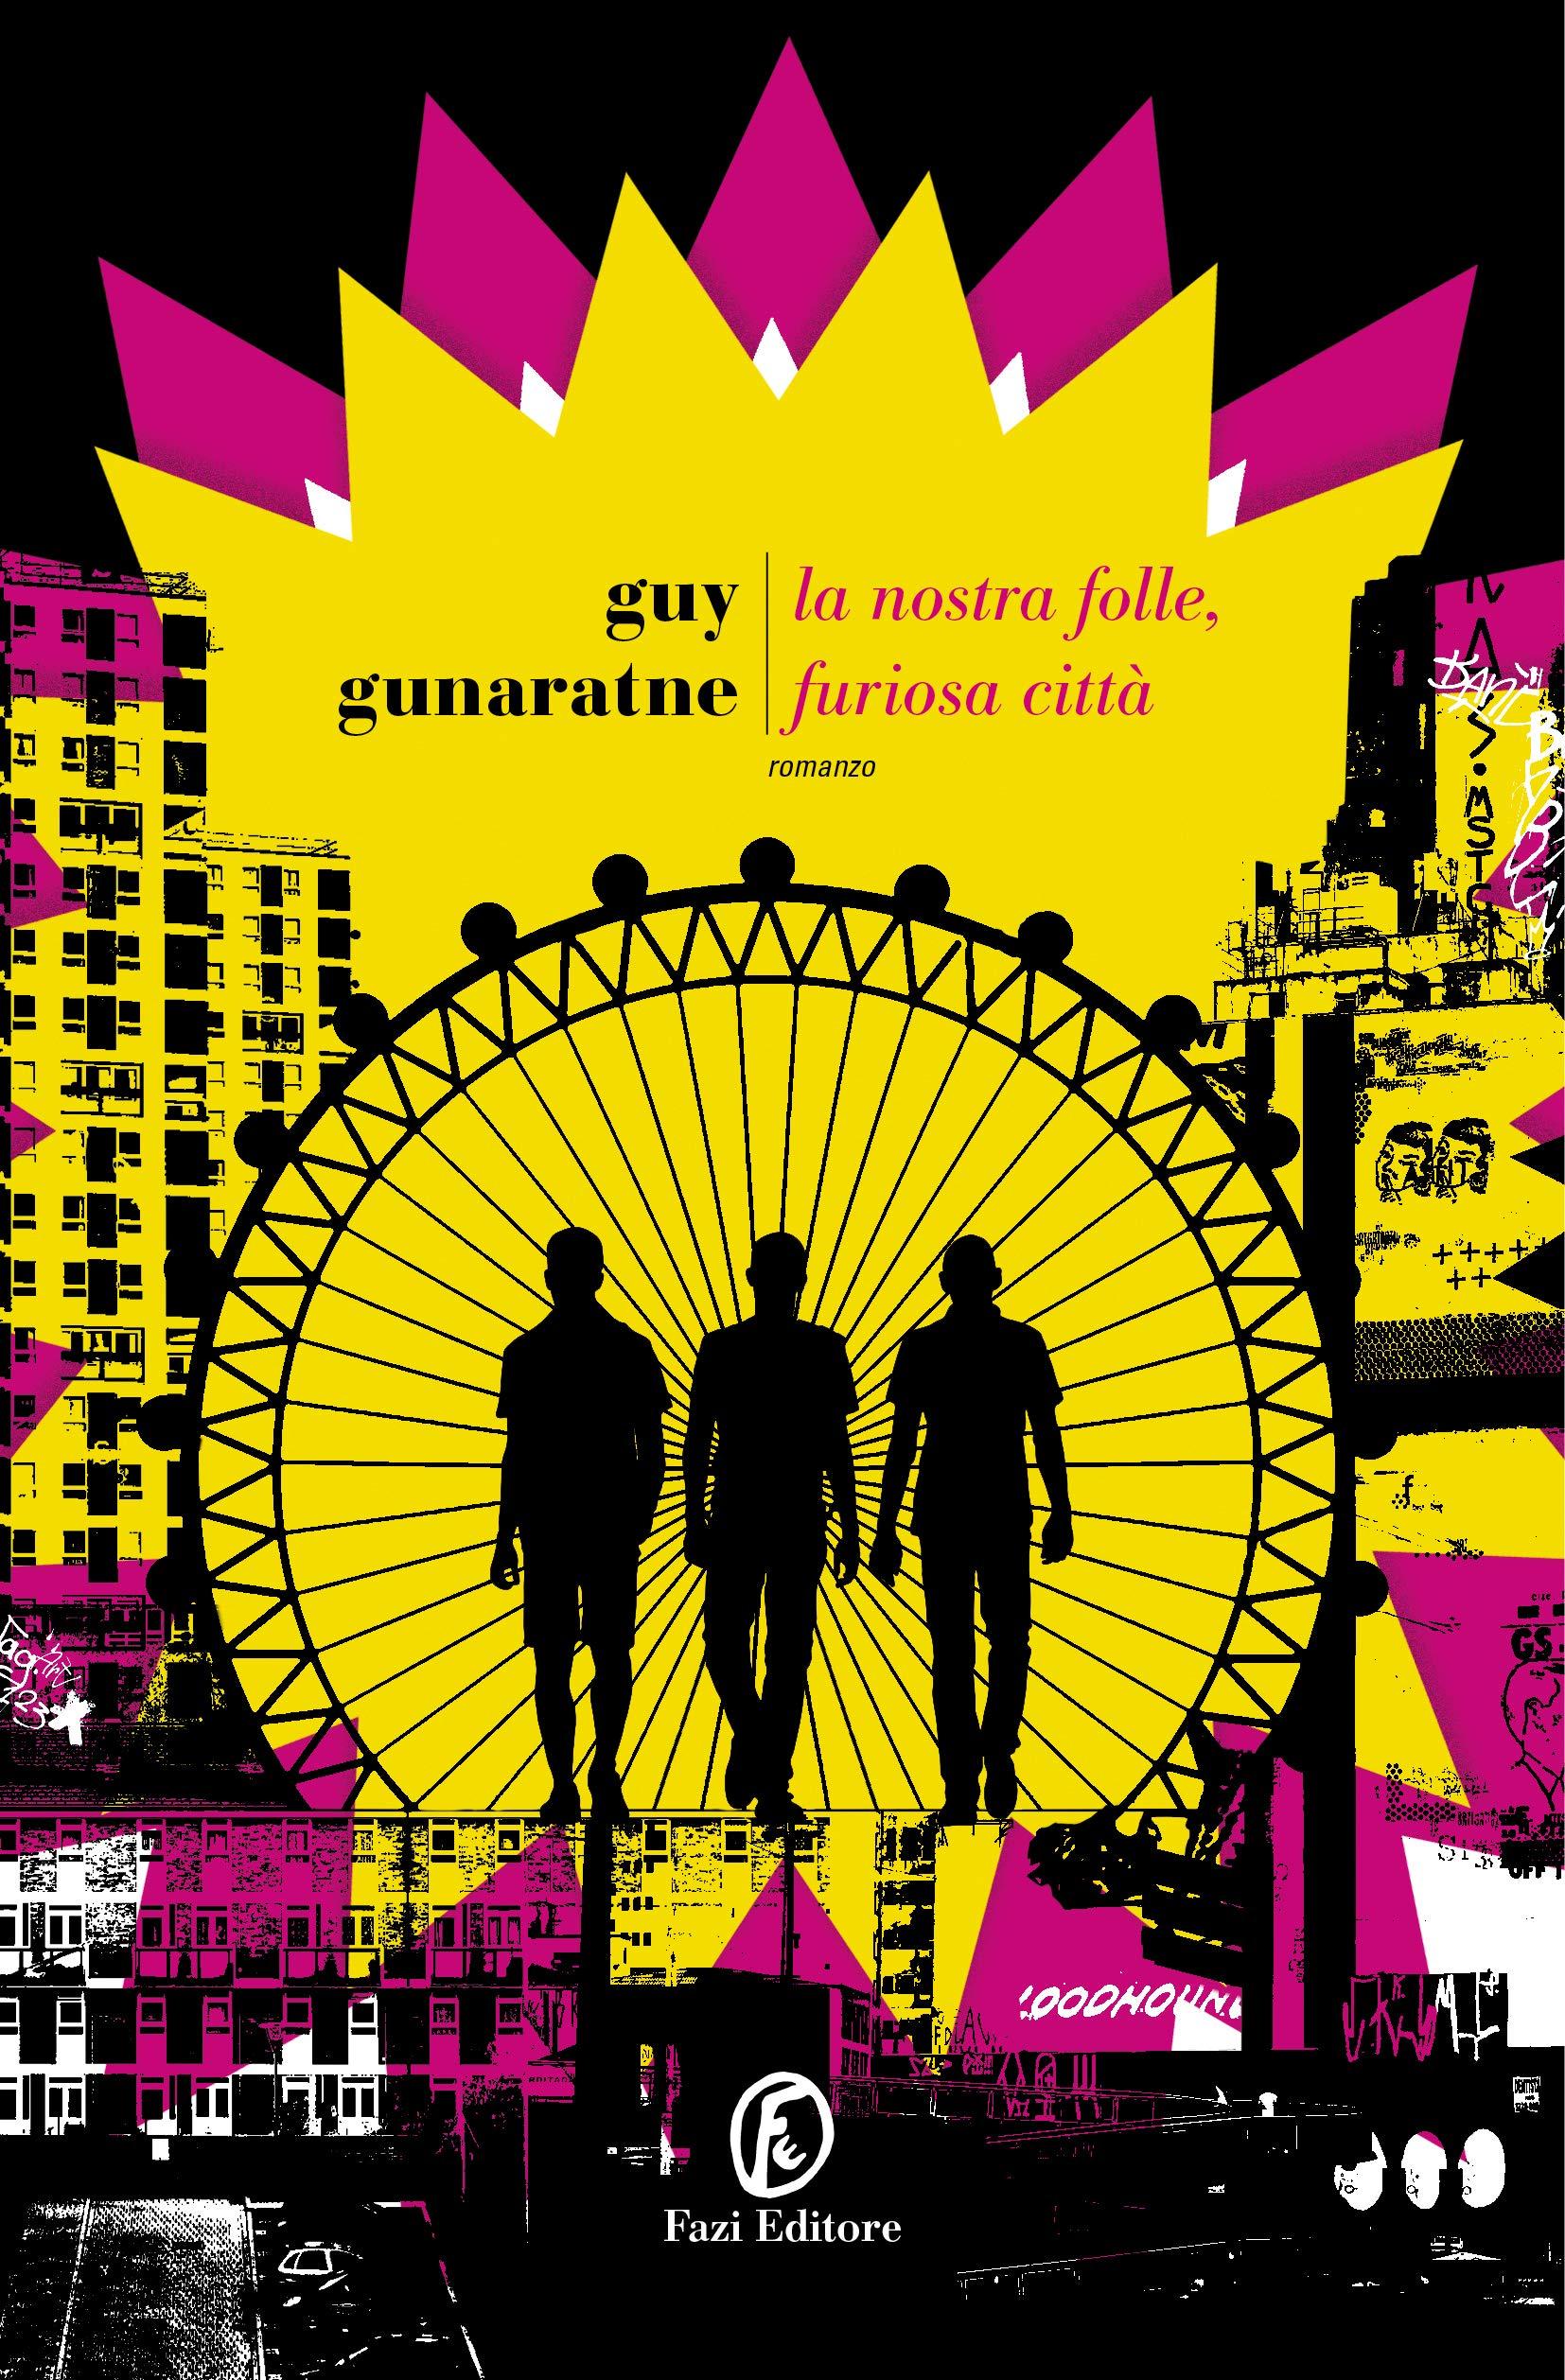 La nostra folle, furiosa città - Guy Gunaratne